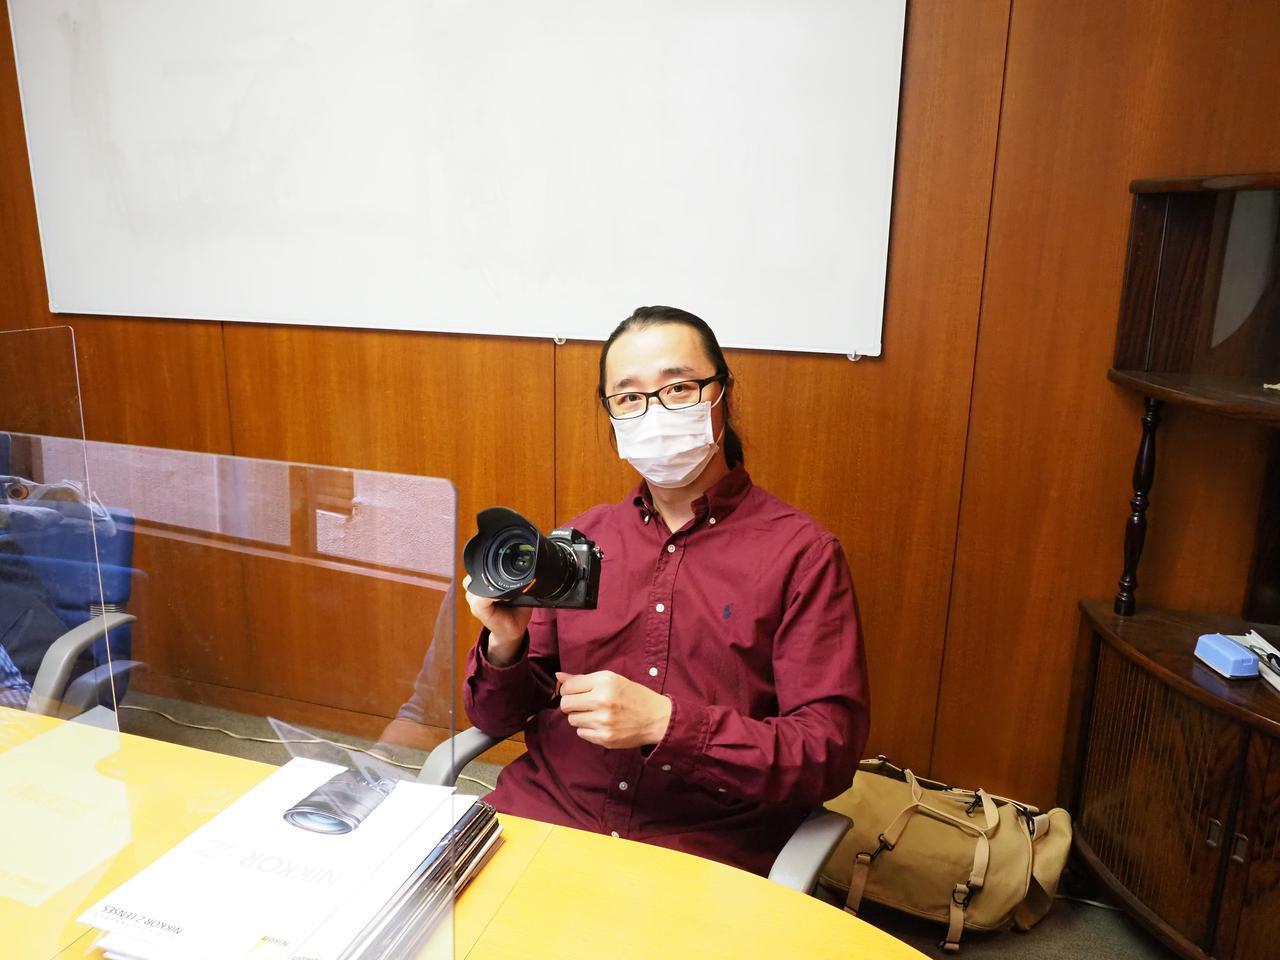 画像: 「間違いだらけのカメラ選び」=DEMO 2   もっきりグラス - Webカメラマン